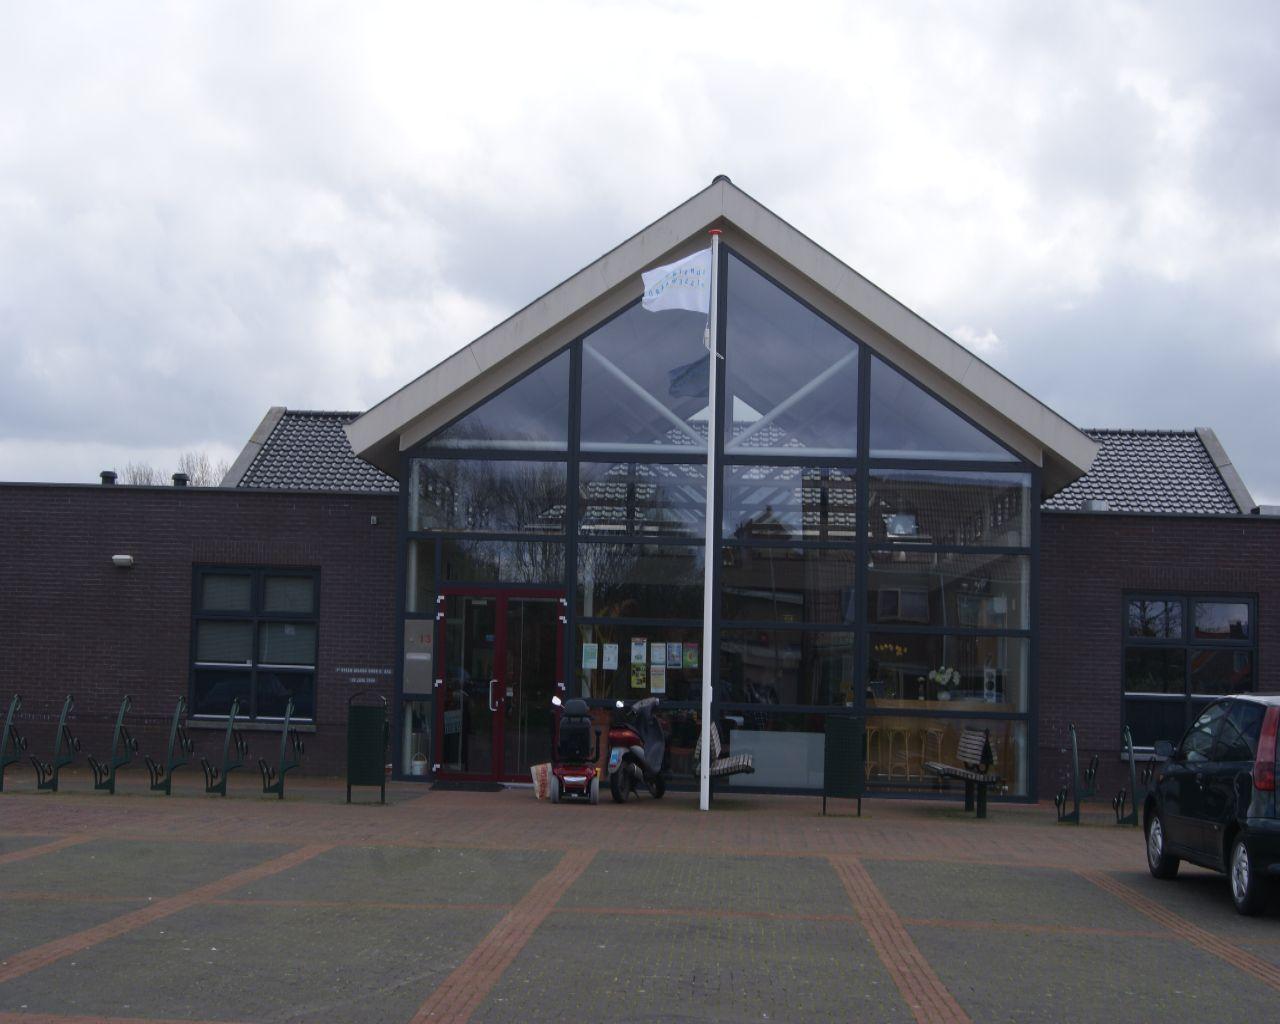 ehbohekelingen.nl